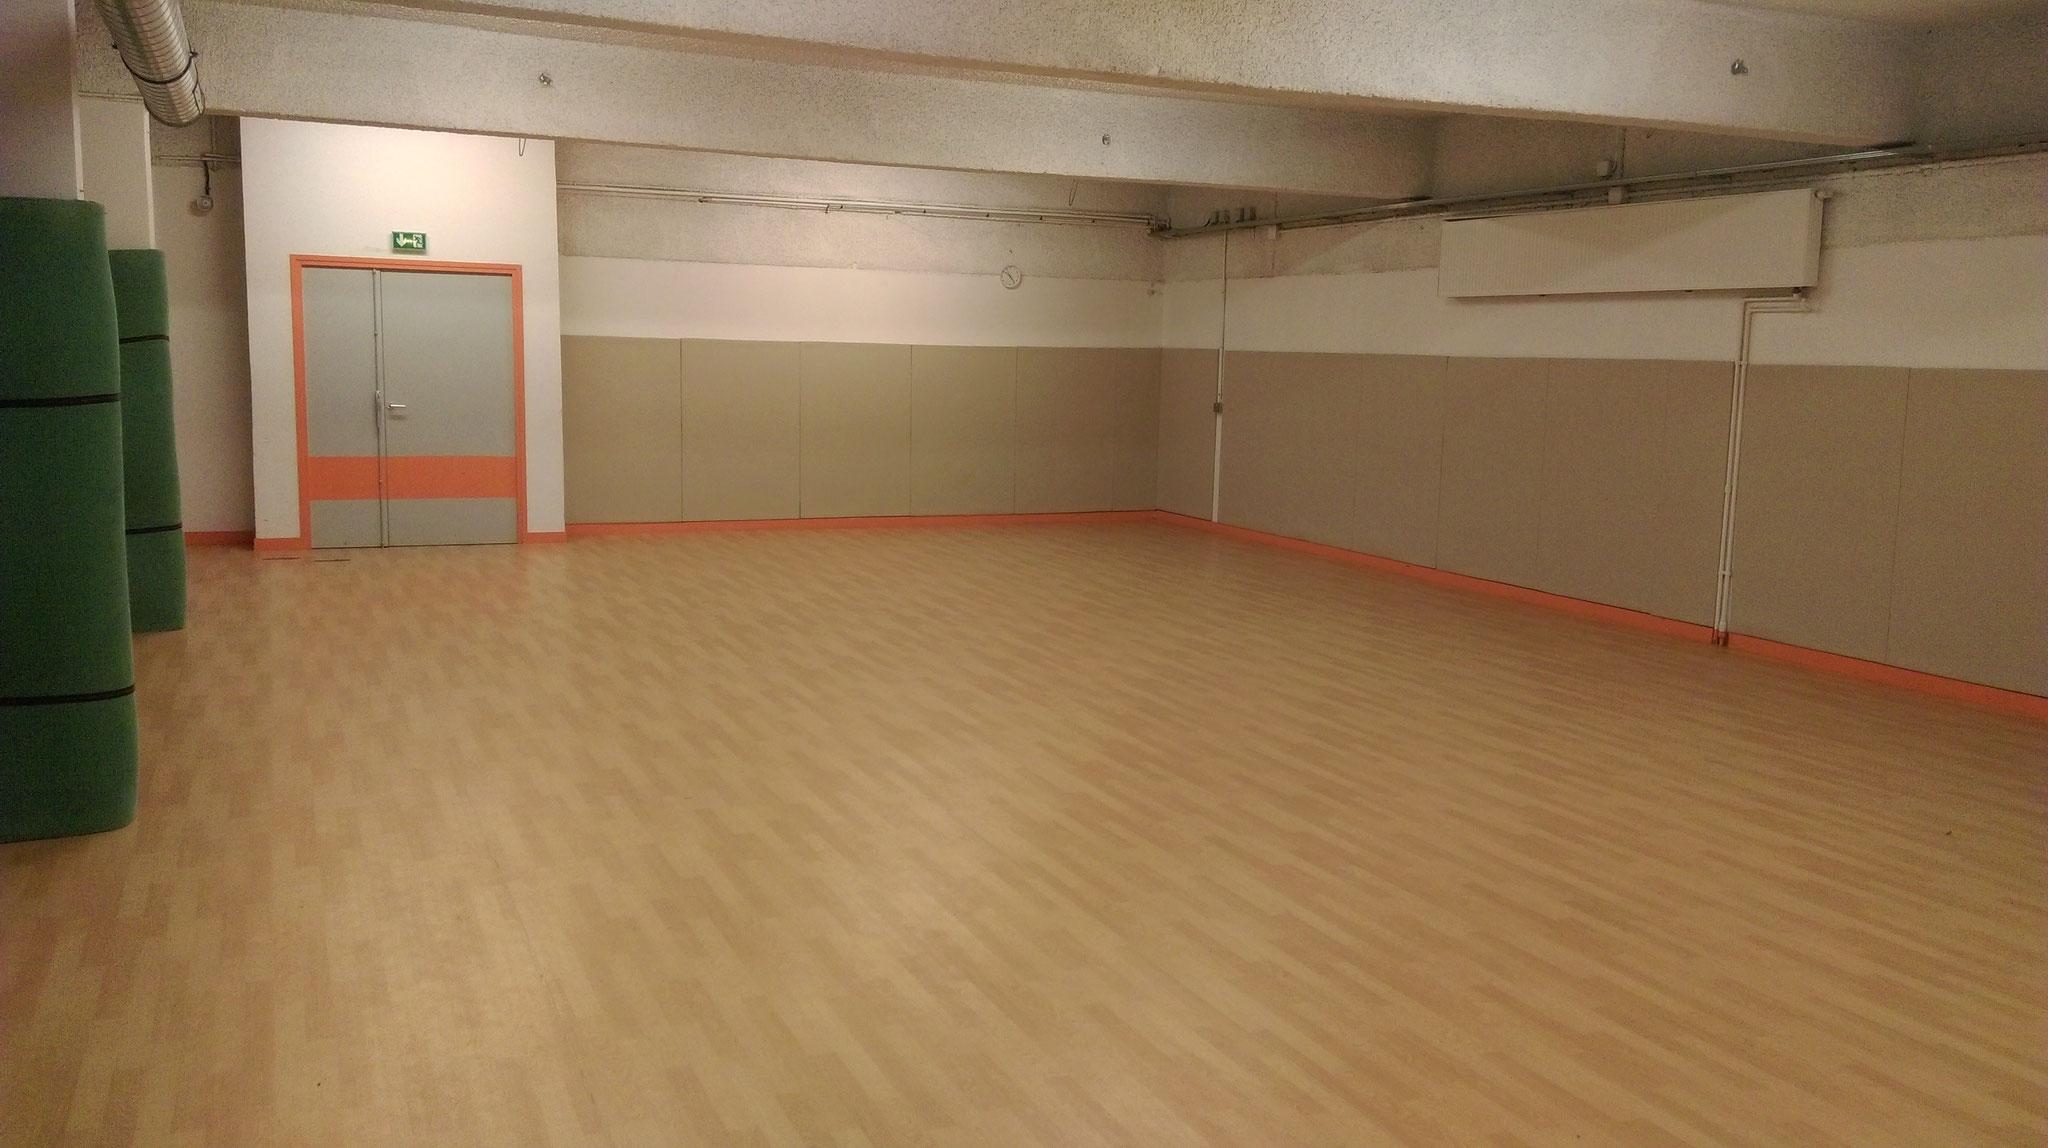 Salle de sport espace ASCEMD Paris 14